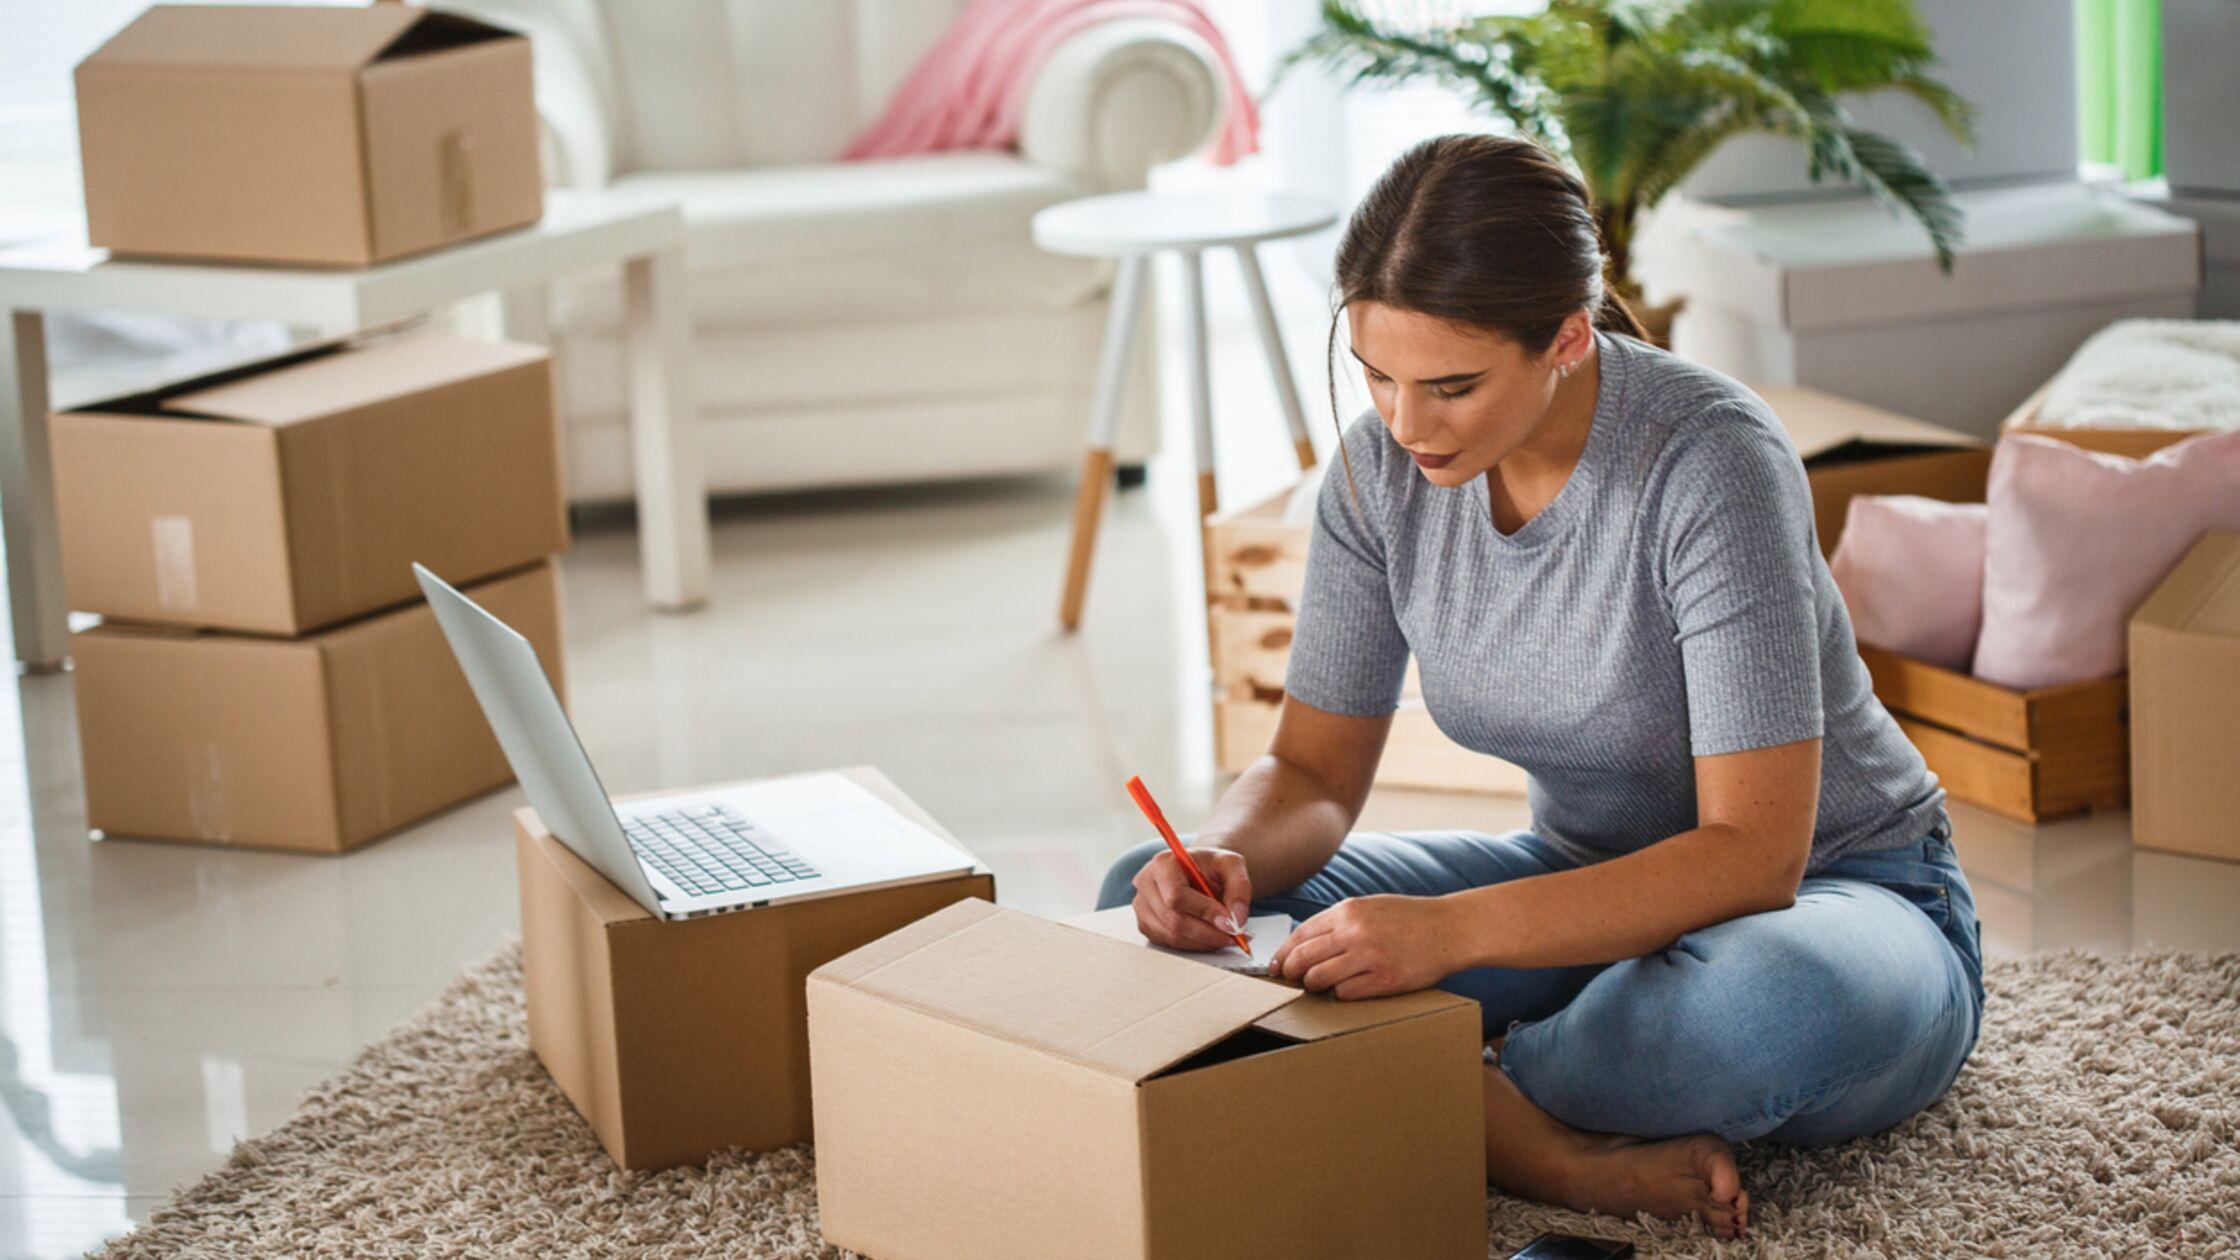 Frau schreibt Wohnungsübergabeprotokoll